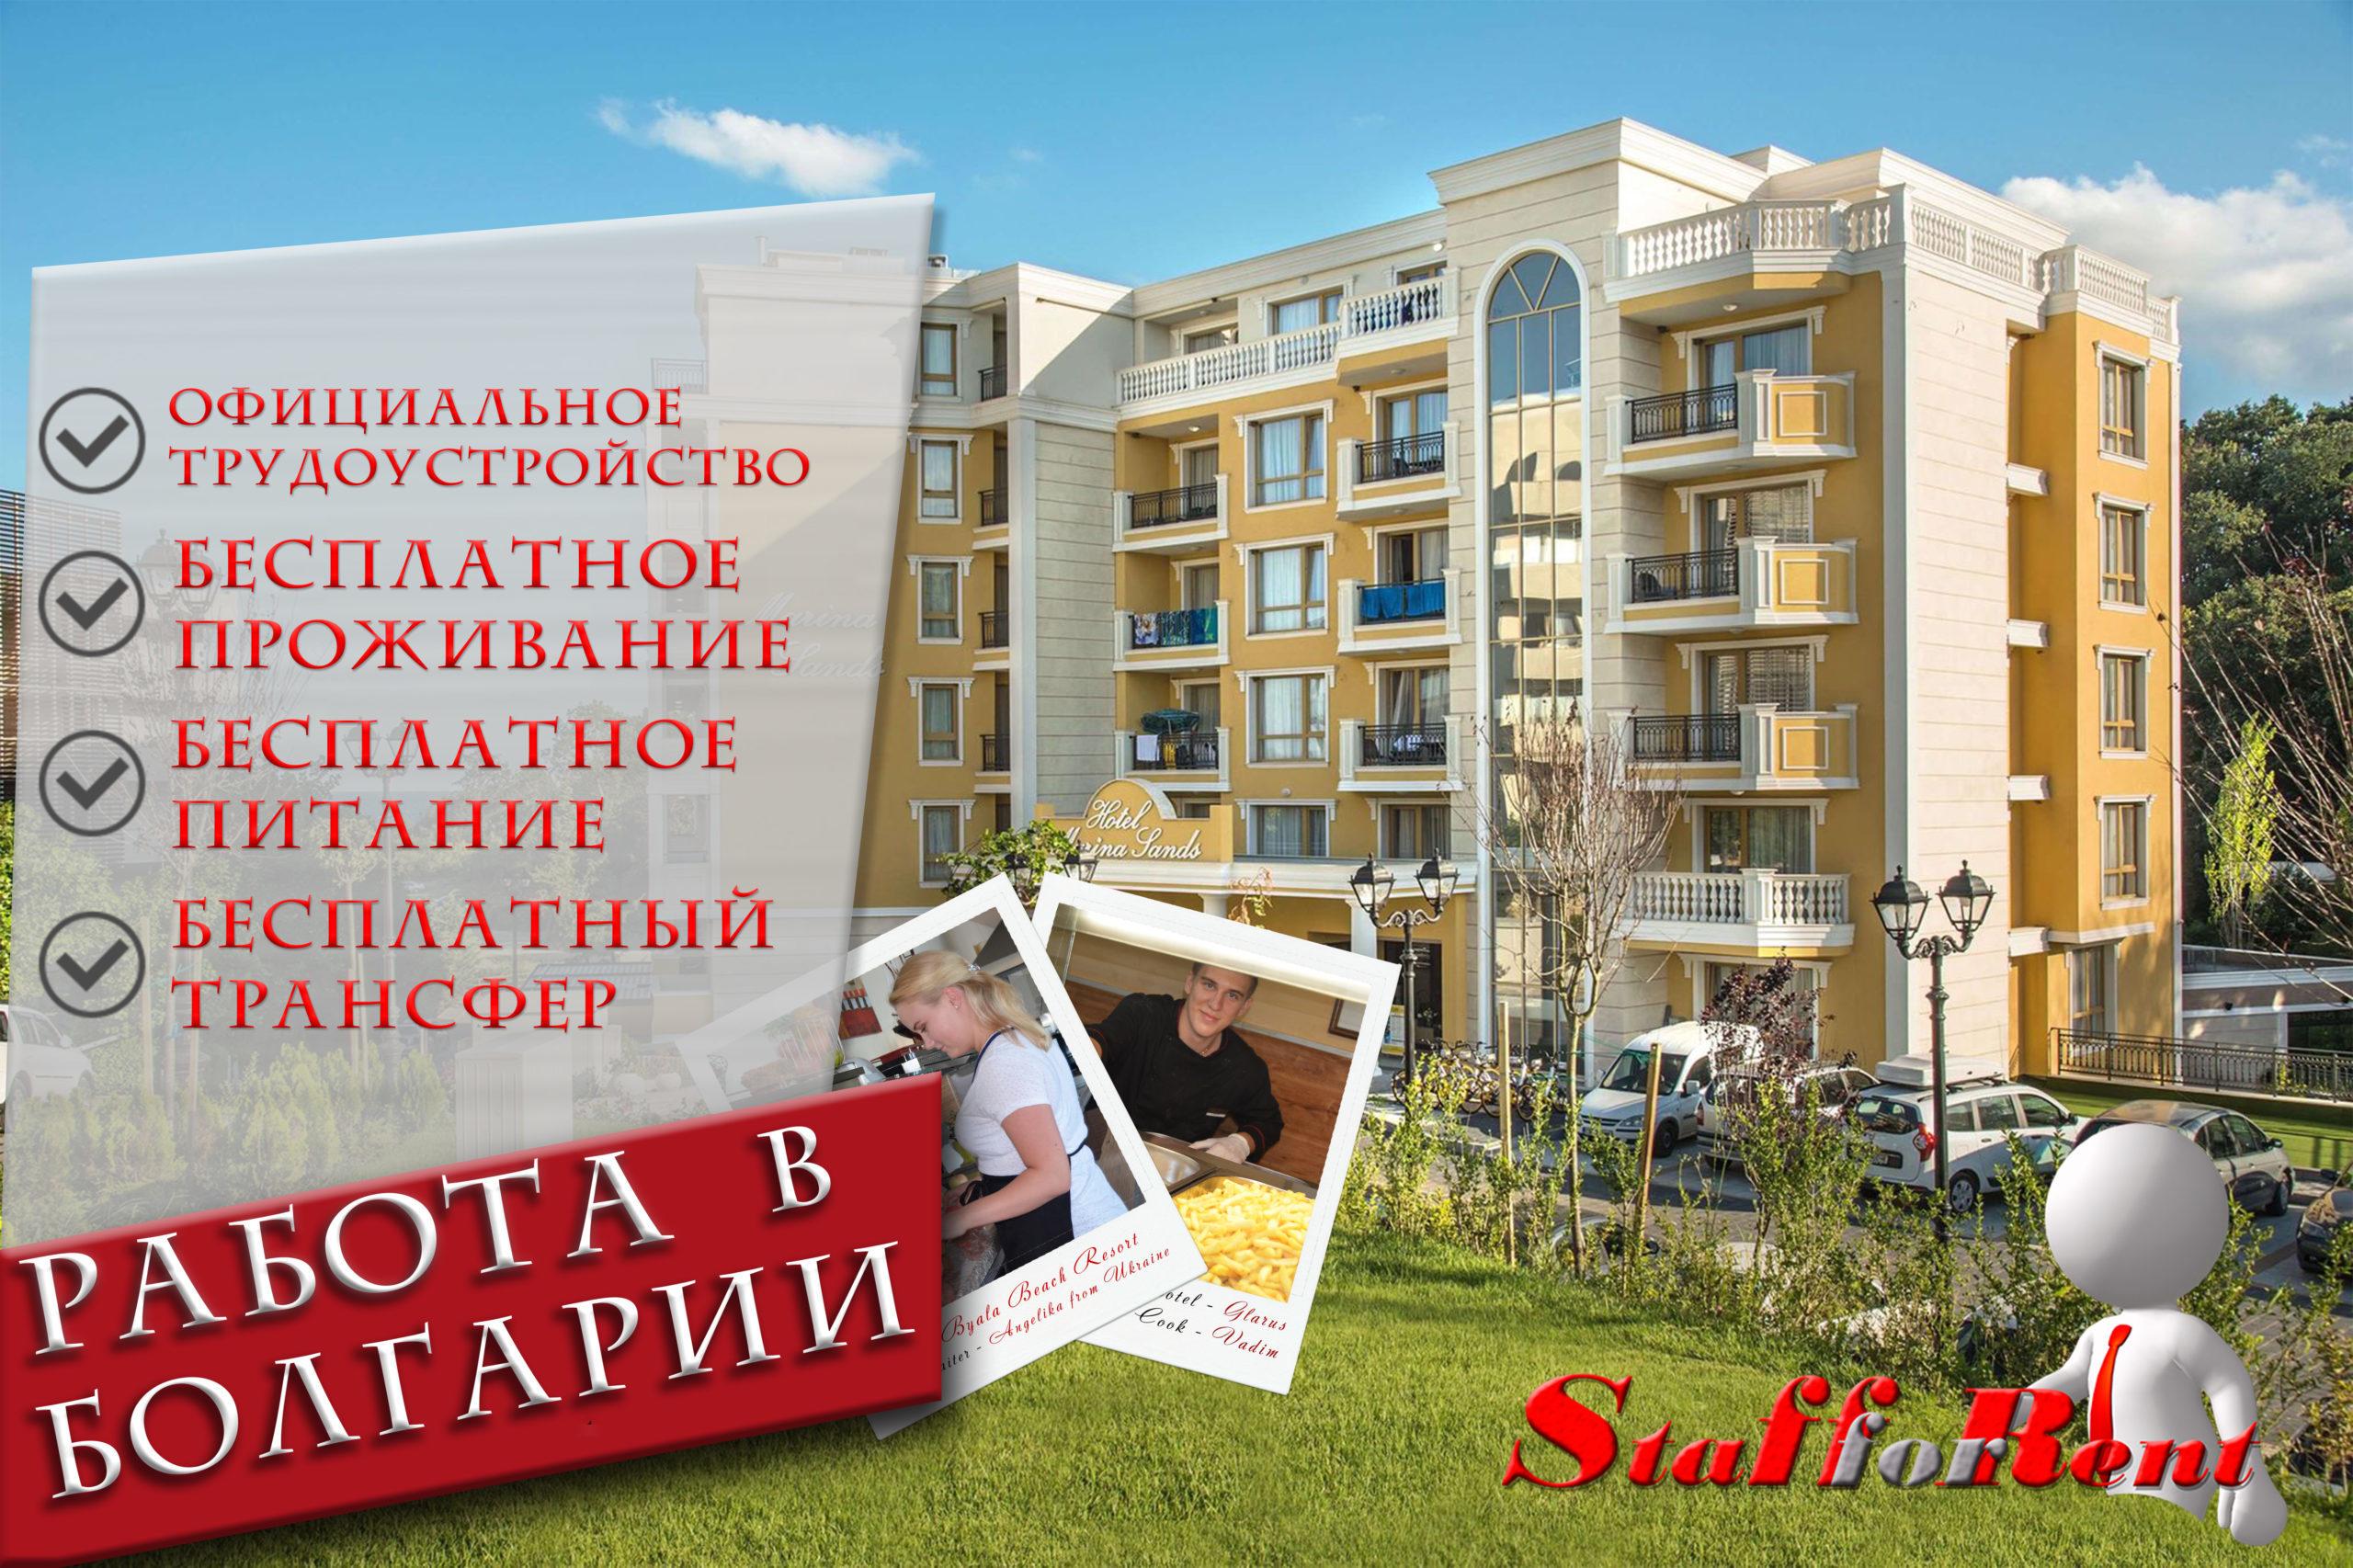 Работа в болгарии 2019 дубай путевка цена на двоих